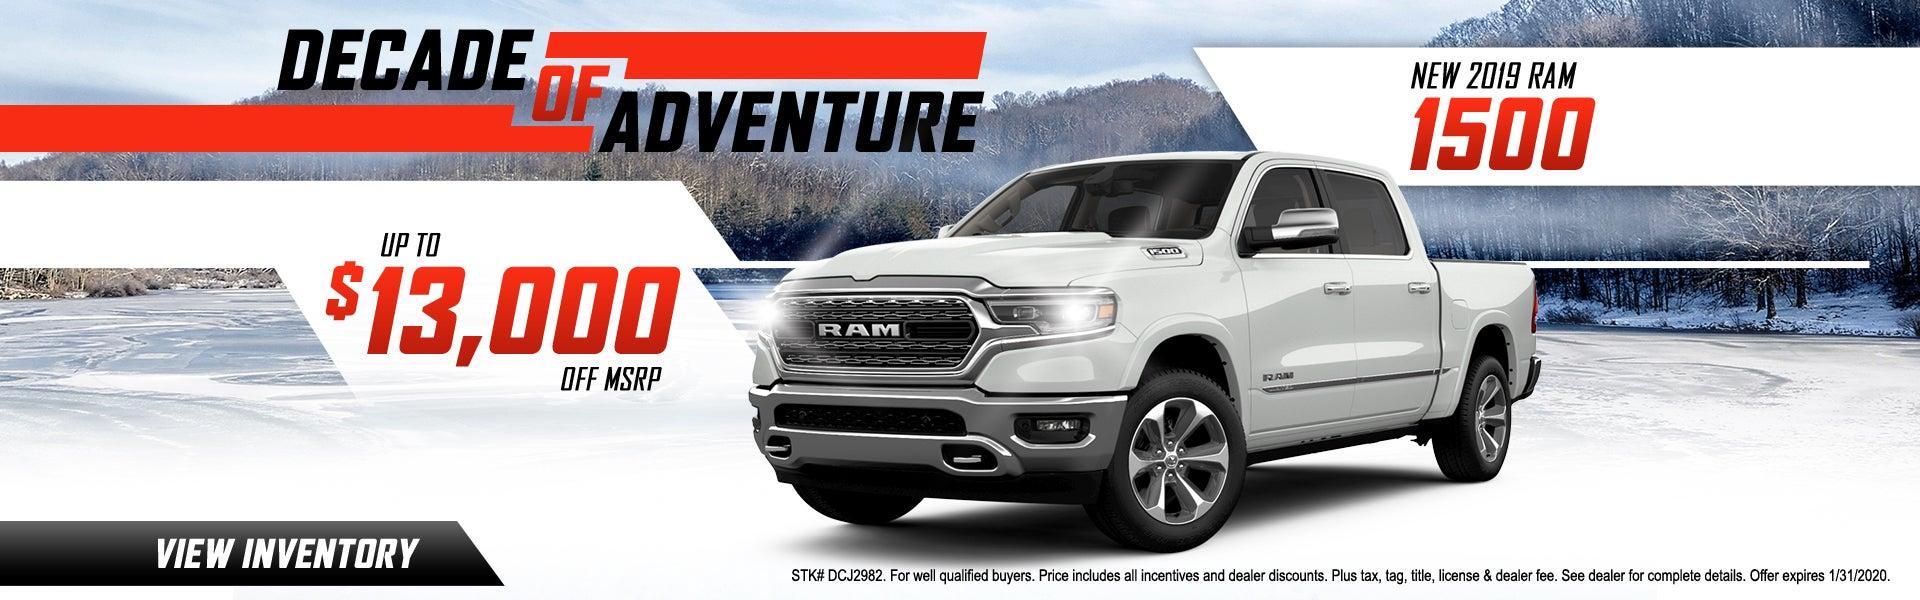 dodge truck incentives september 2020 2020 Dodge Ram Incentives